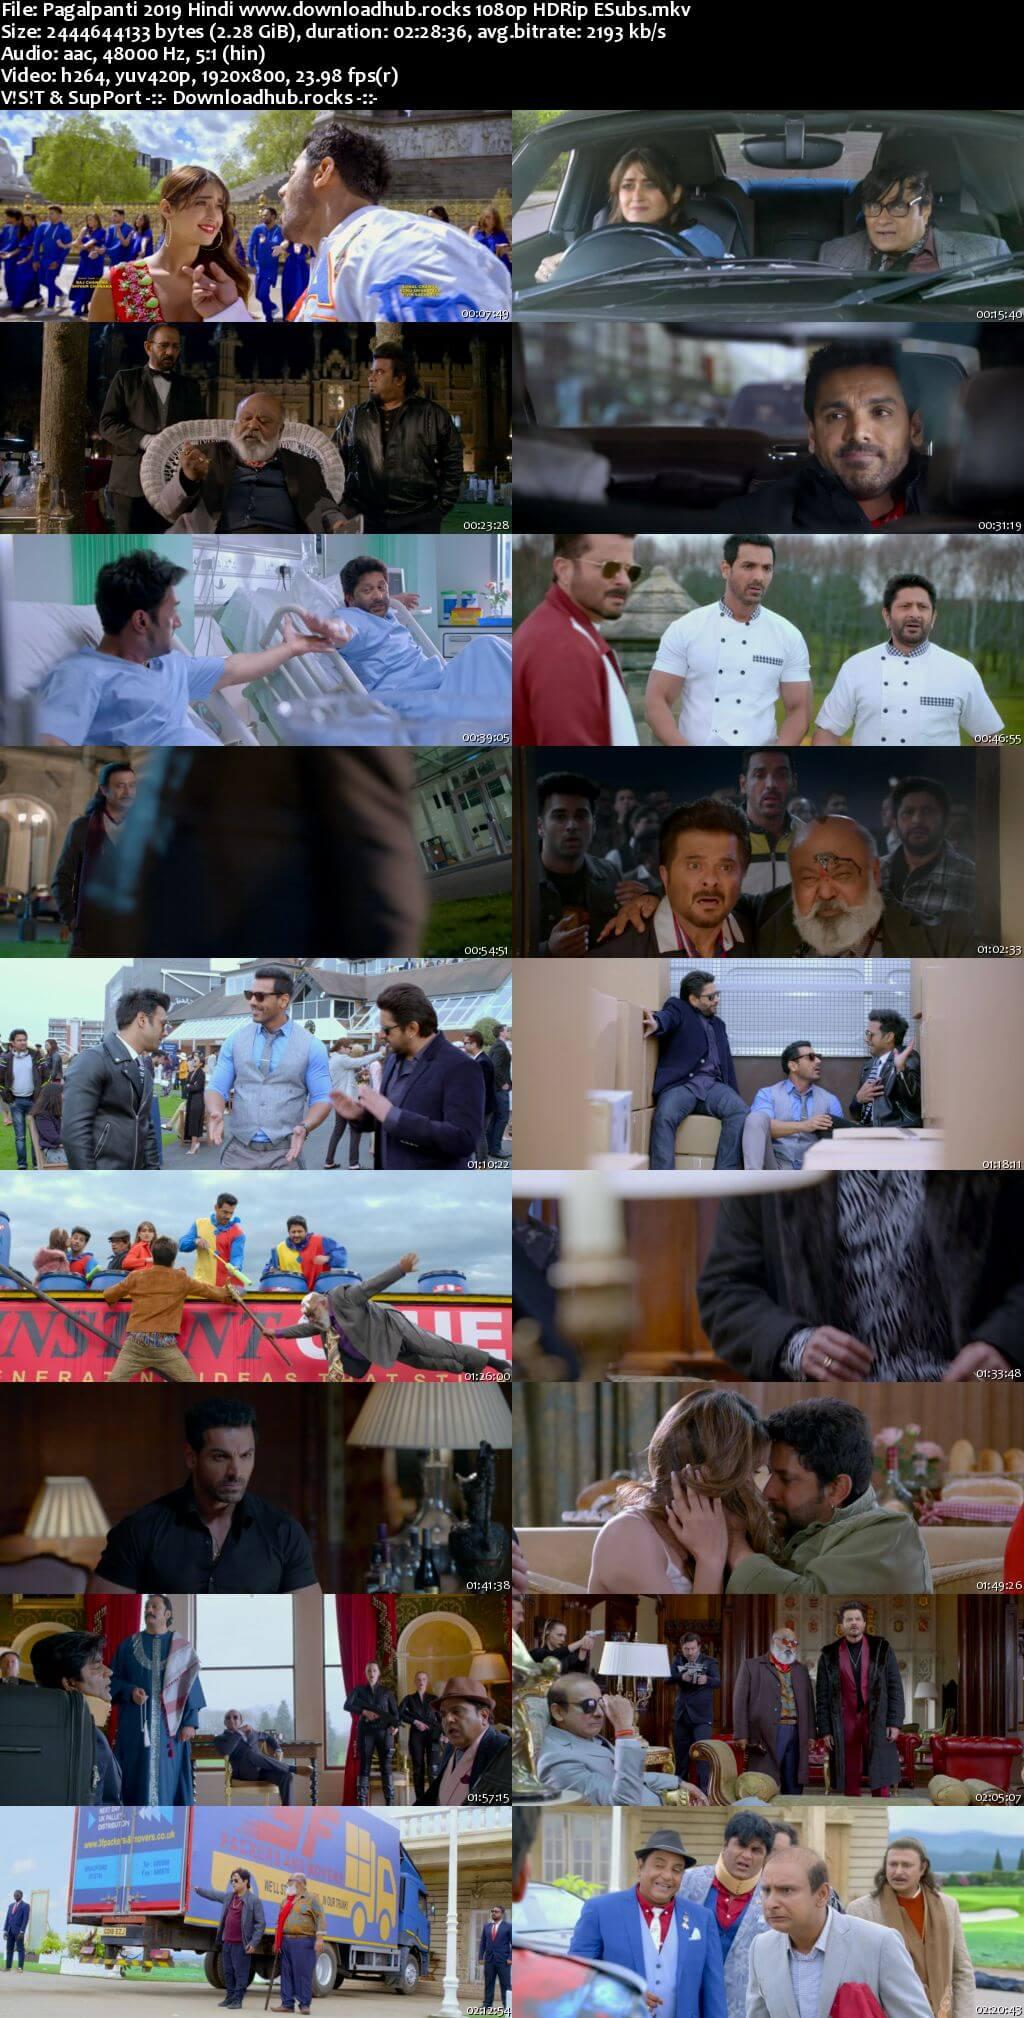 Pagalpanti 2019 Hindi 1080p HDRip ESubs